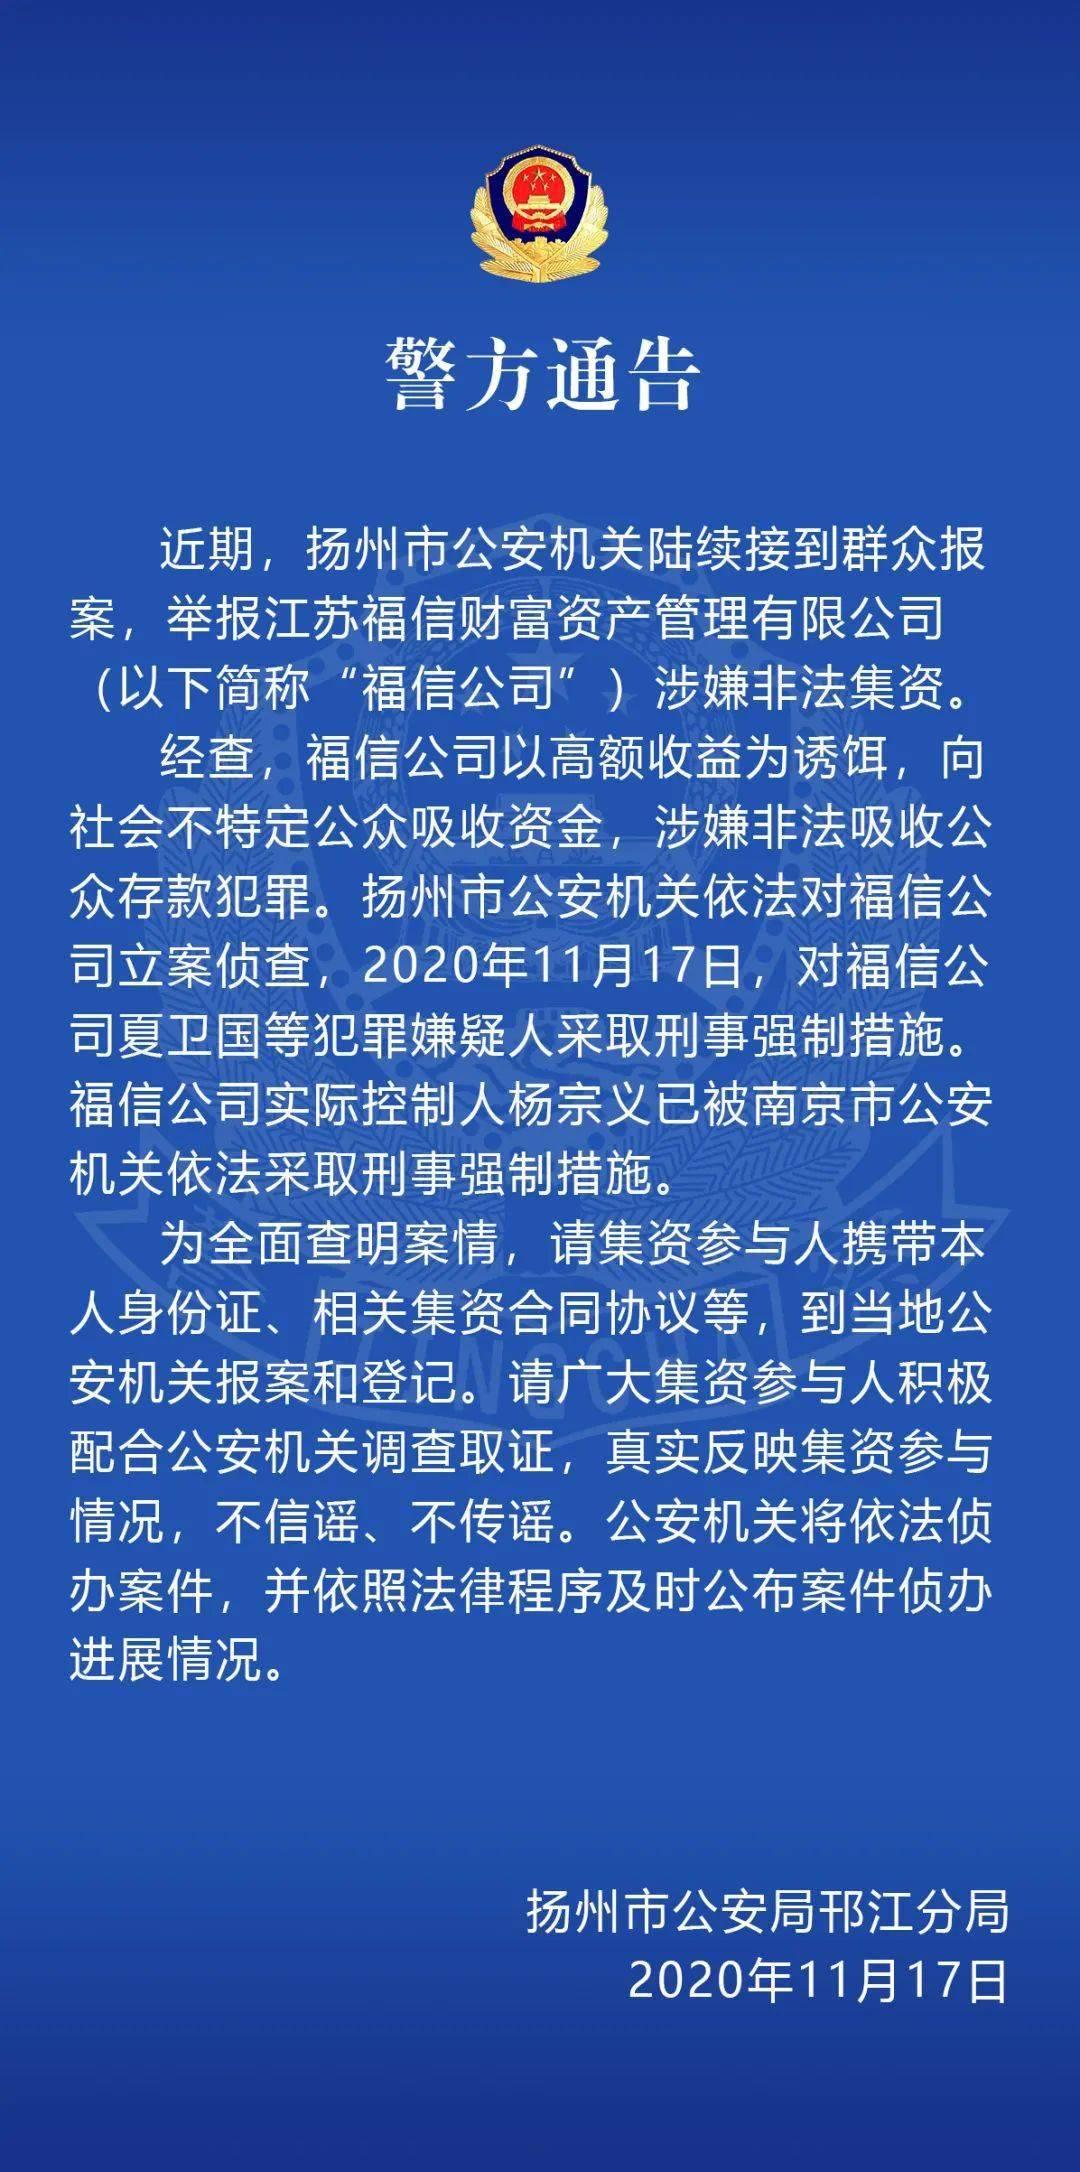 南京富豪杨宗义被抓!曾身家40亿,旗下公司涉嫌非法集资